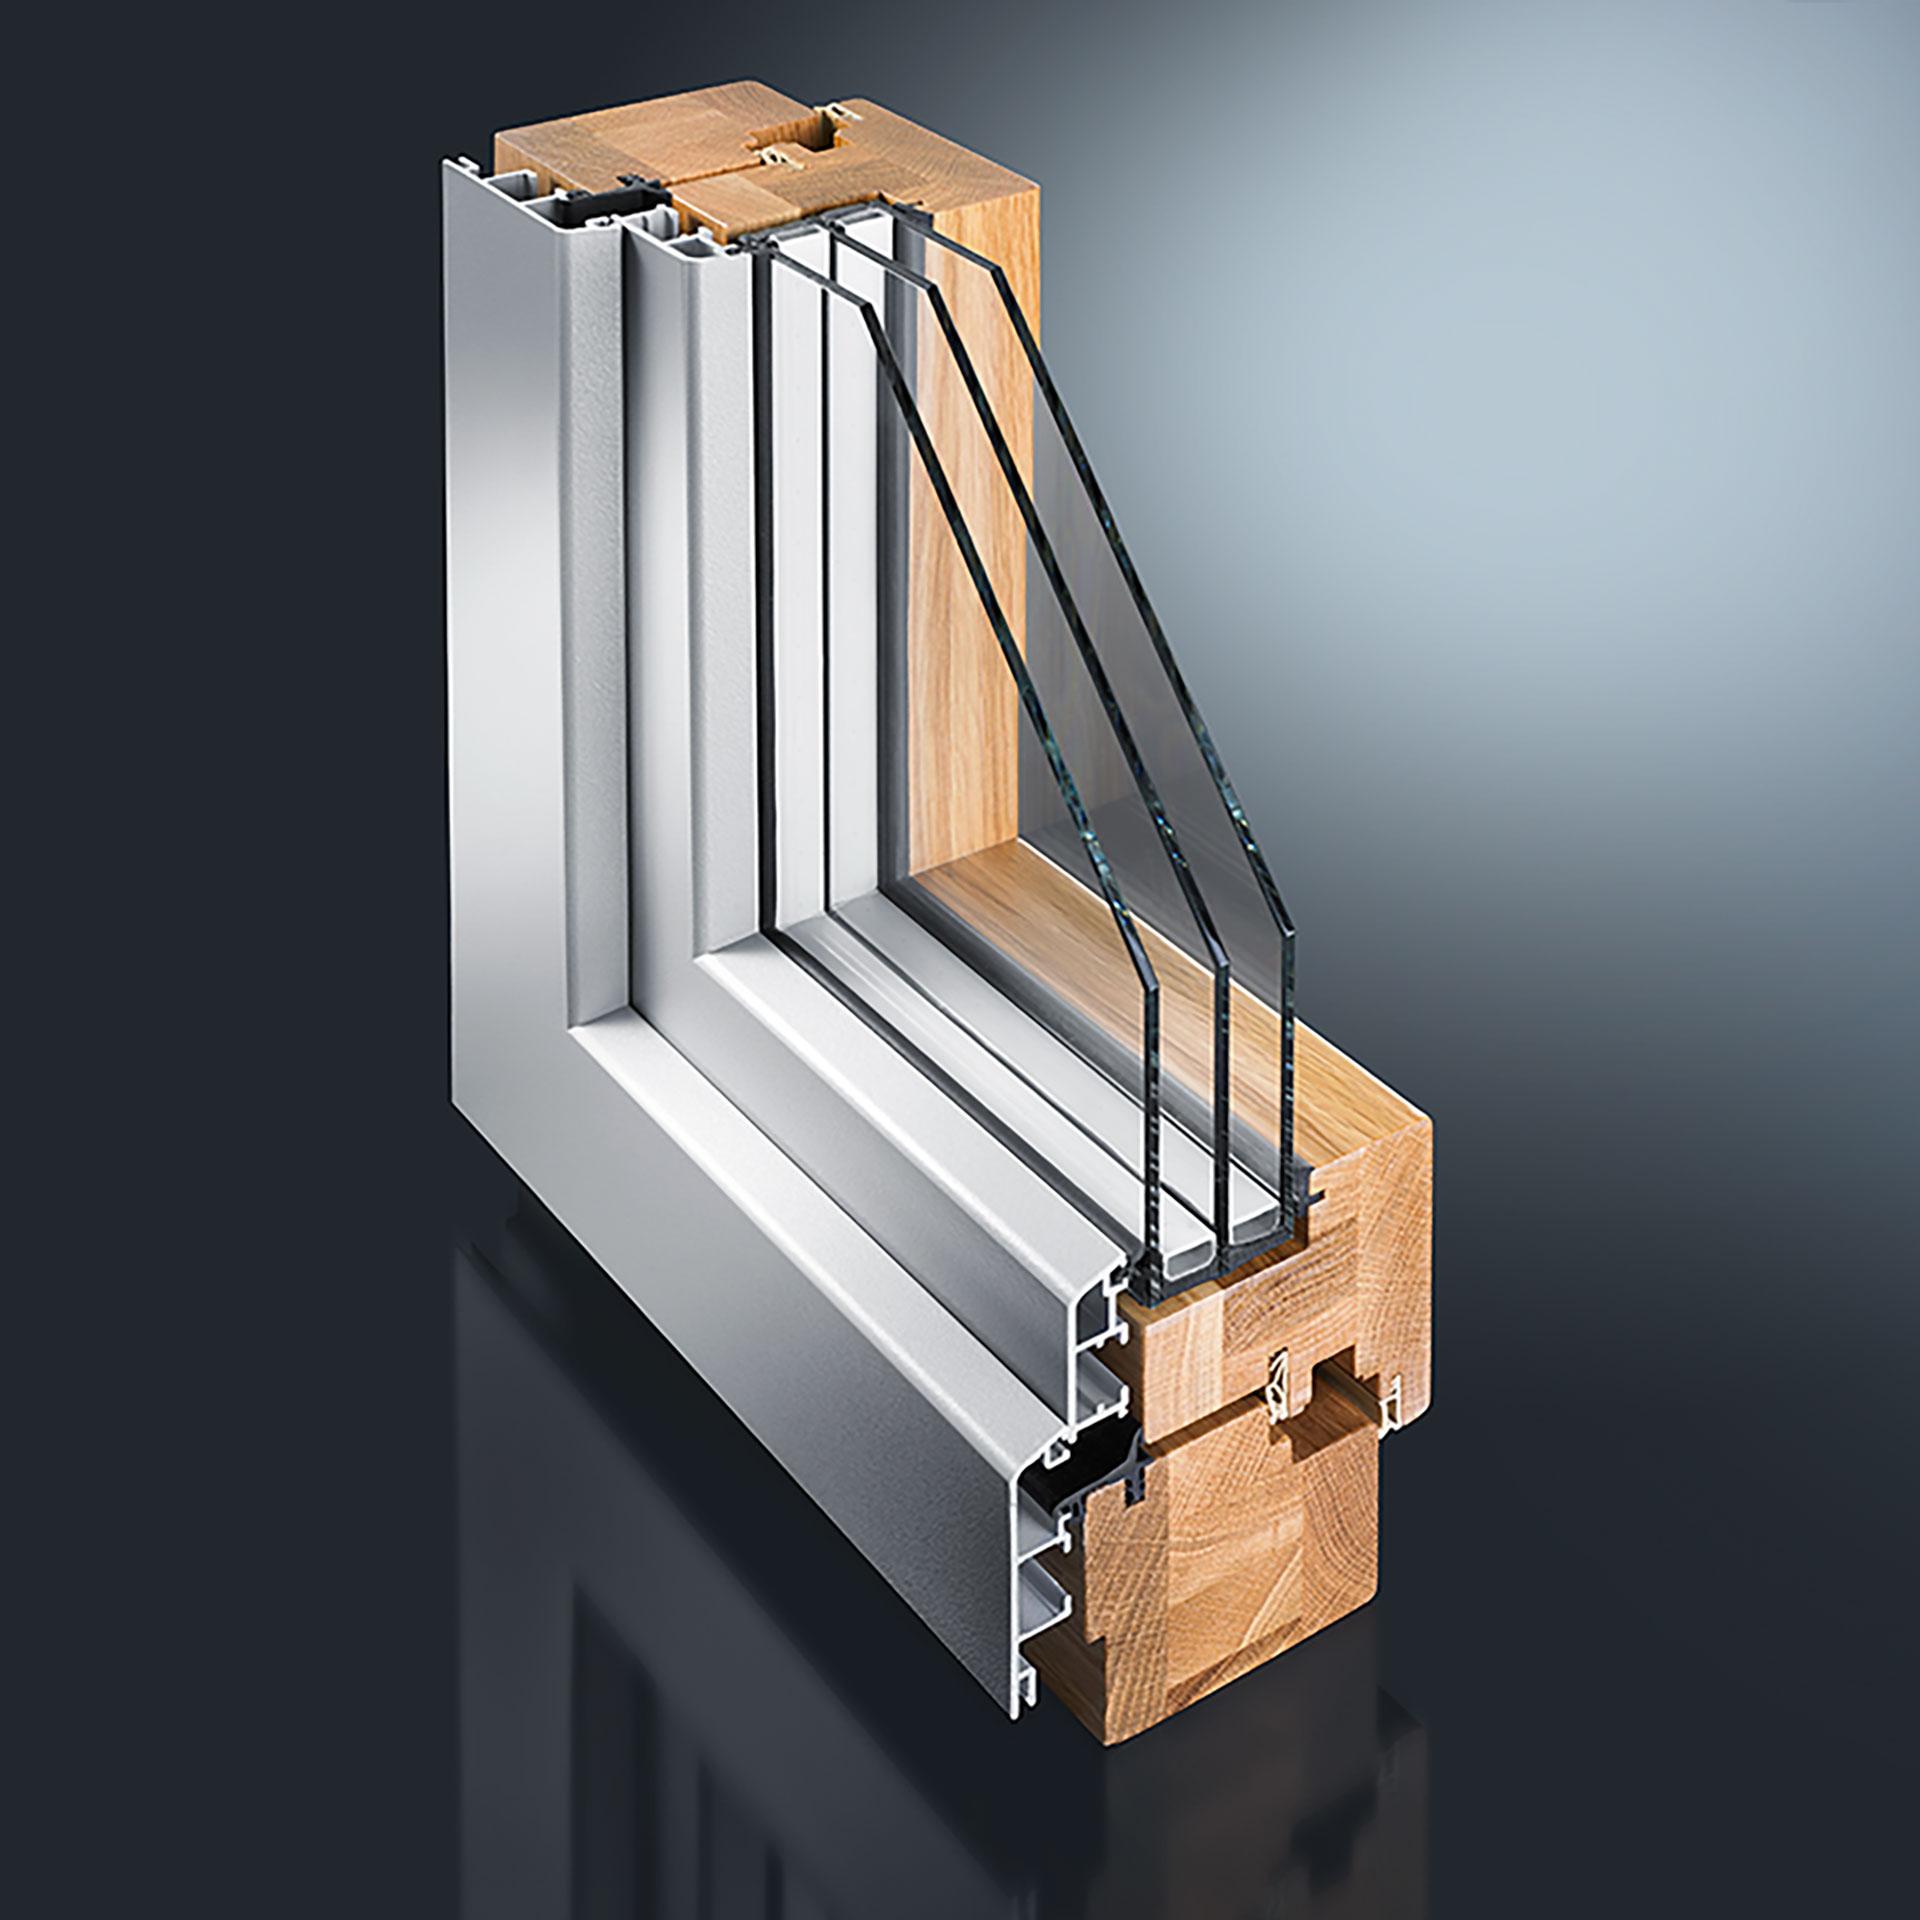 Full Size of Gutmann Mira Holz Aluminium Fenster Tr System Braun Sichtschutz Erneuern Kosten Absturzsicherung Einbruchsicherung Einbruchschutz Stange Austauschen Günstig Fenster Aluminium Fenster